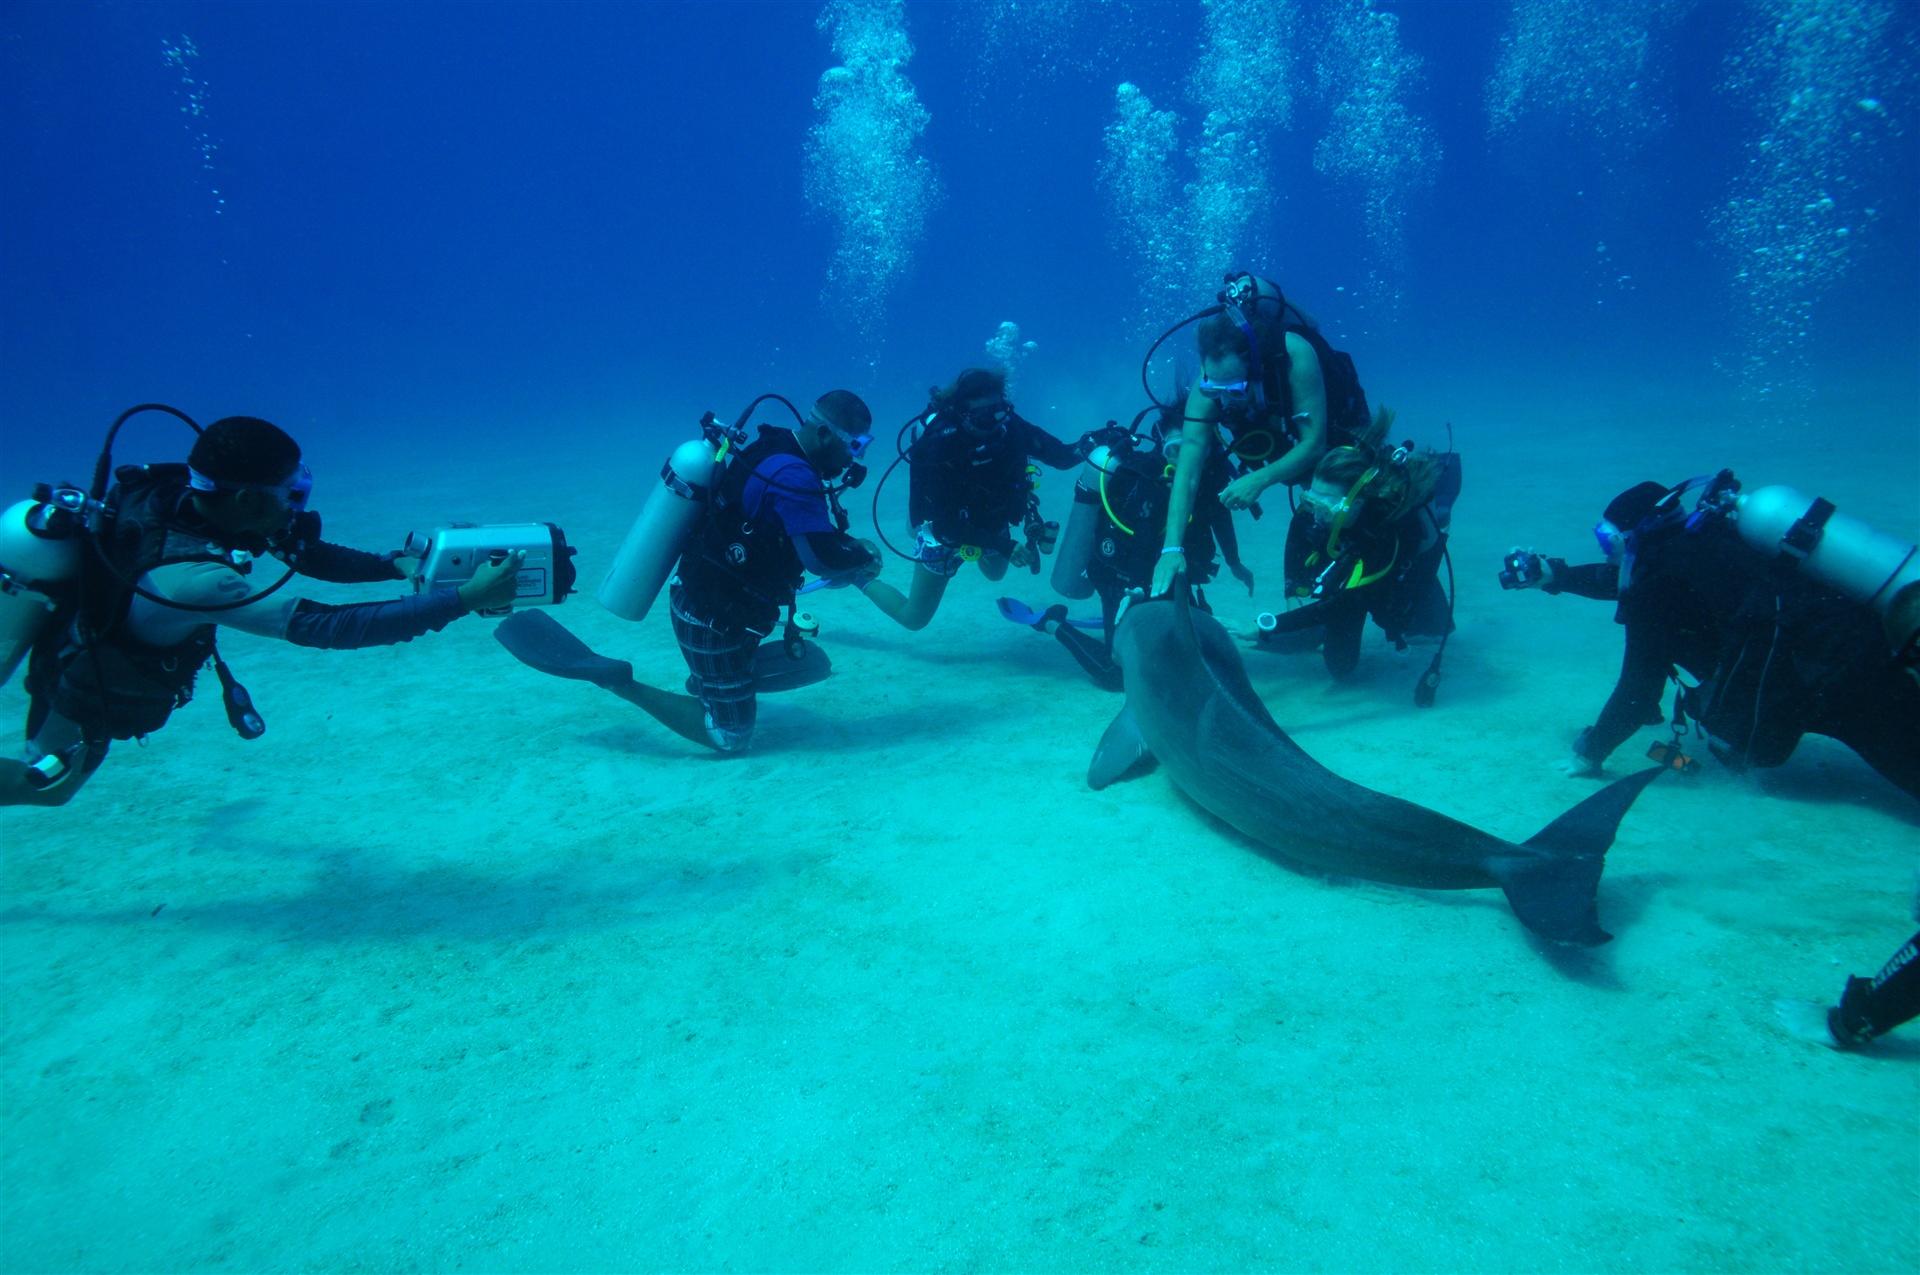 Scubaboard Scuba Diving Forum Diving Social Network